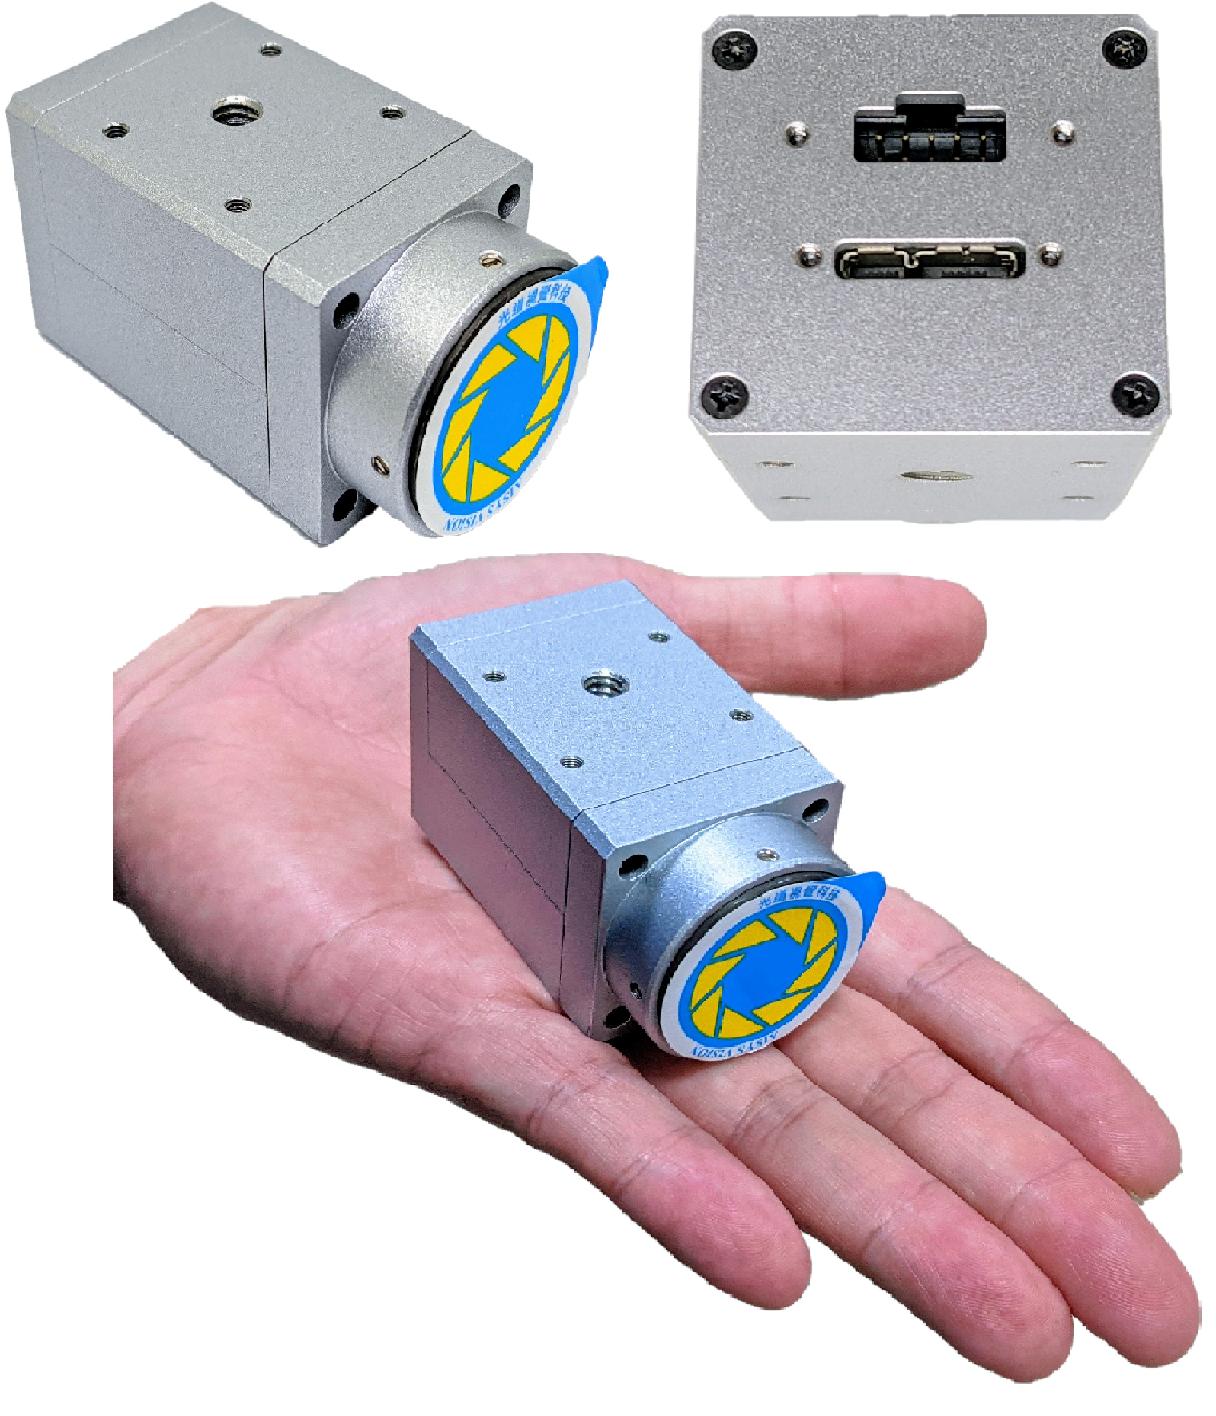 CYCLOPS SU130F-210攝影機-1.3M像素、非同步式、灰階、內建LED燈源控制器